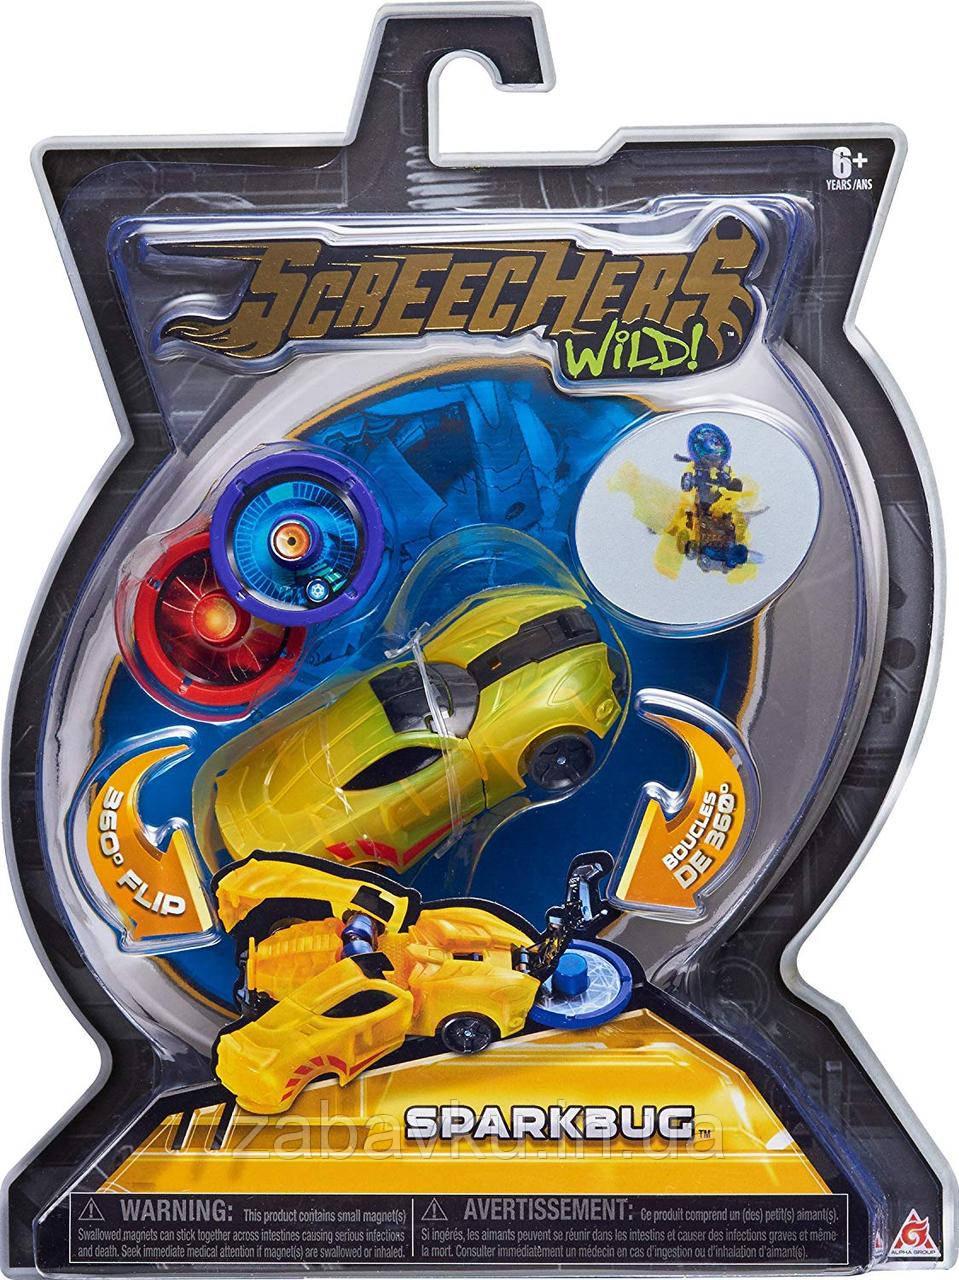 Дикі Скрічери машинка трансформер Спаркбаг Screechers Wild Sparkbug оригінал